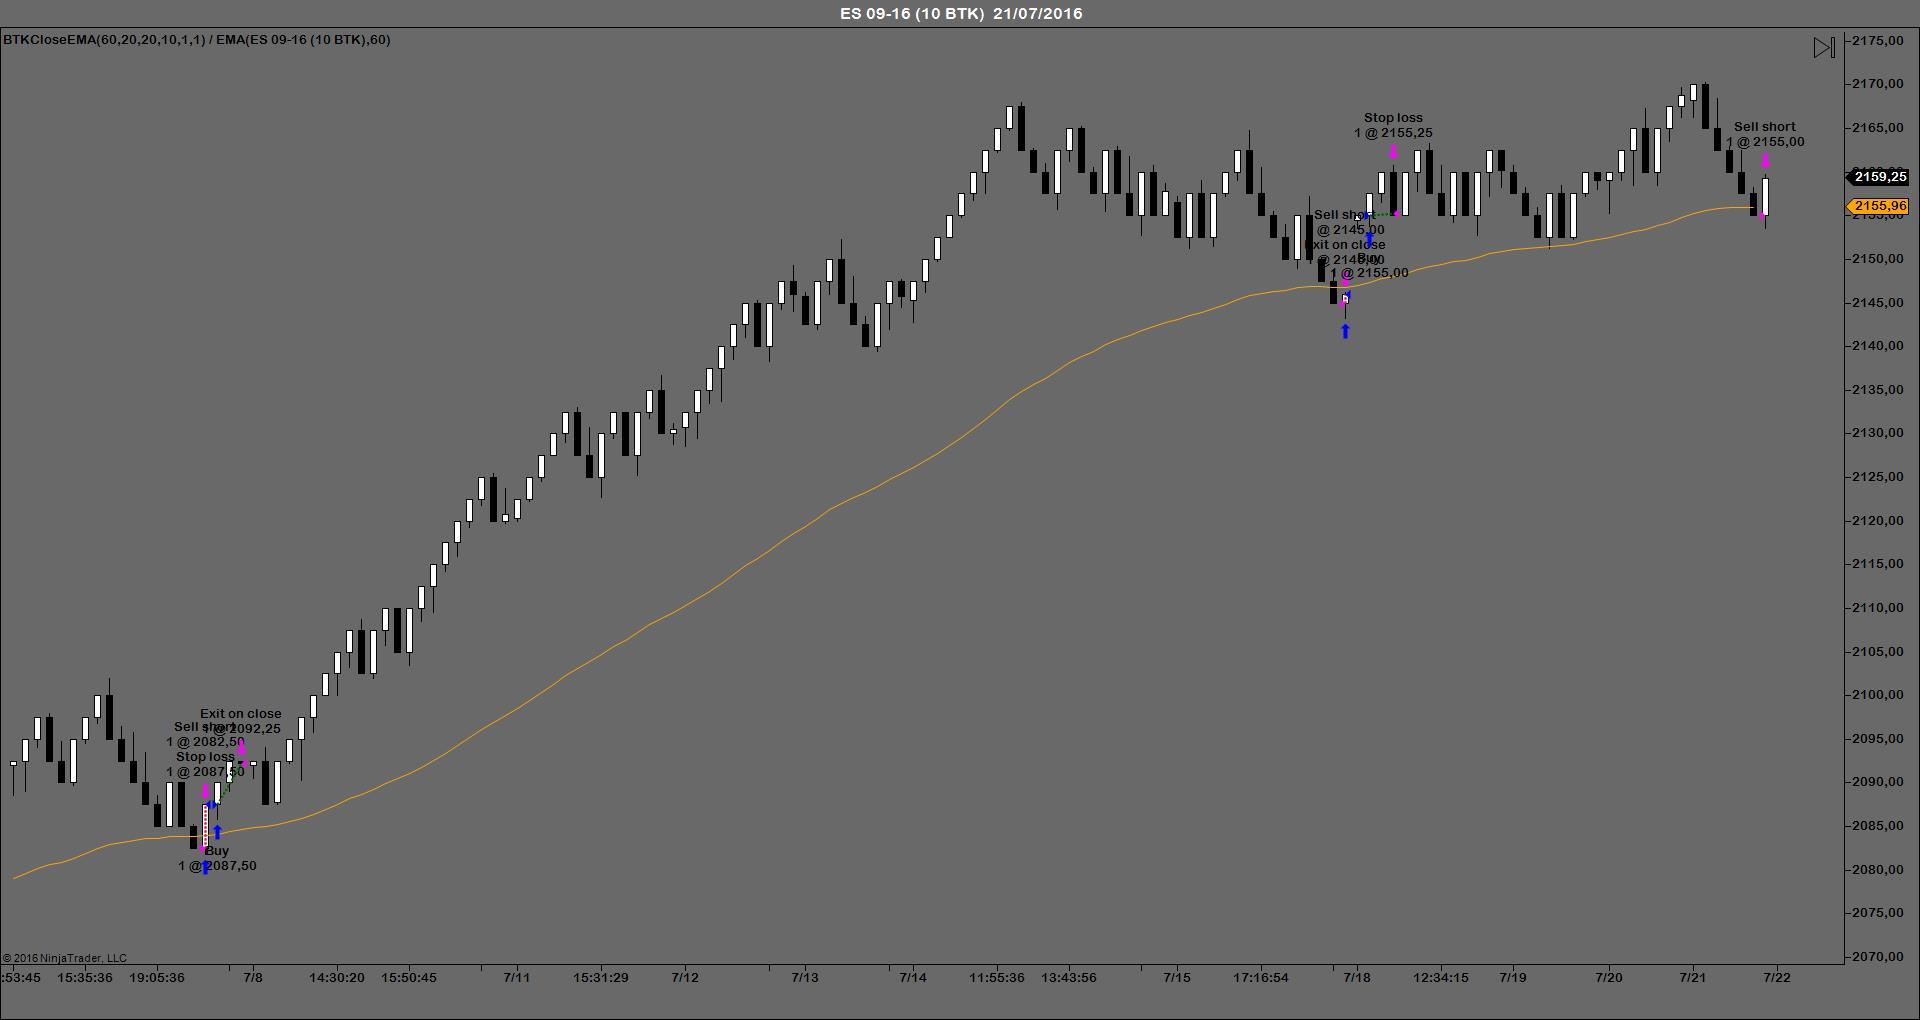 BTKCloseEMA sistemas automáticos trading